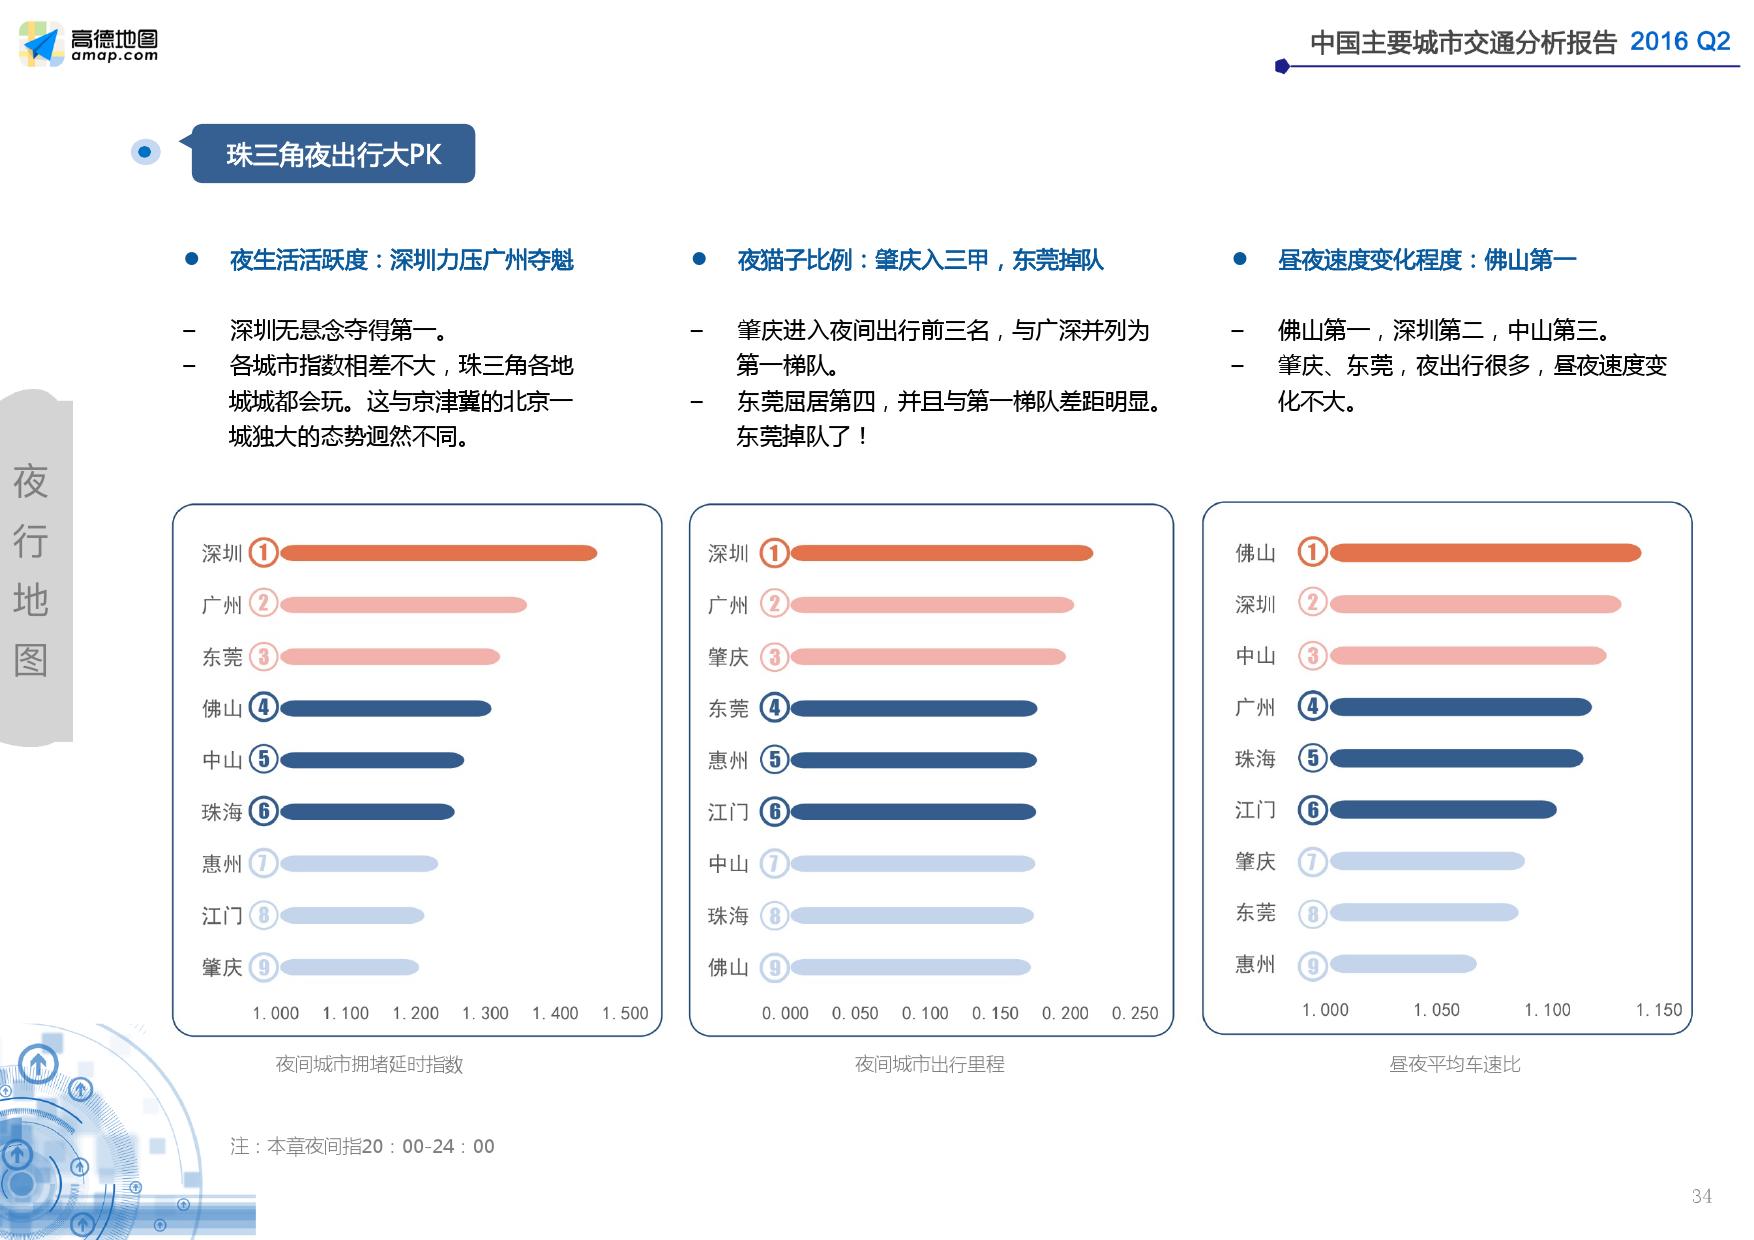 2016年Q2中国主要城市交通分析报告_000034